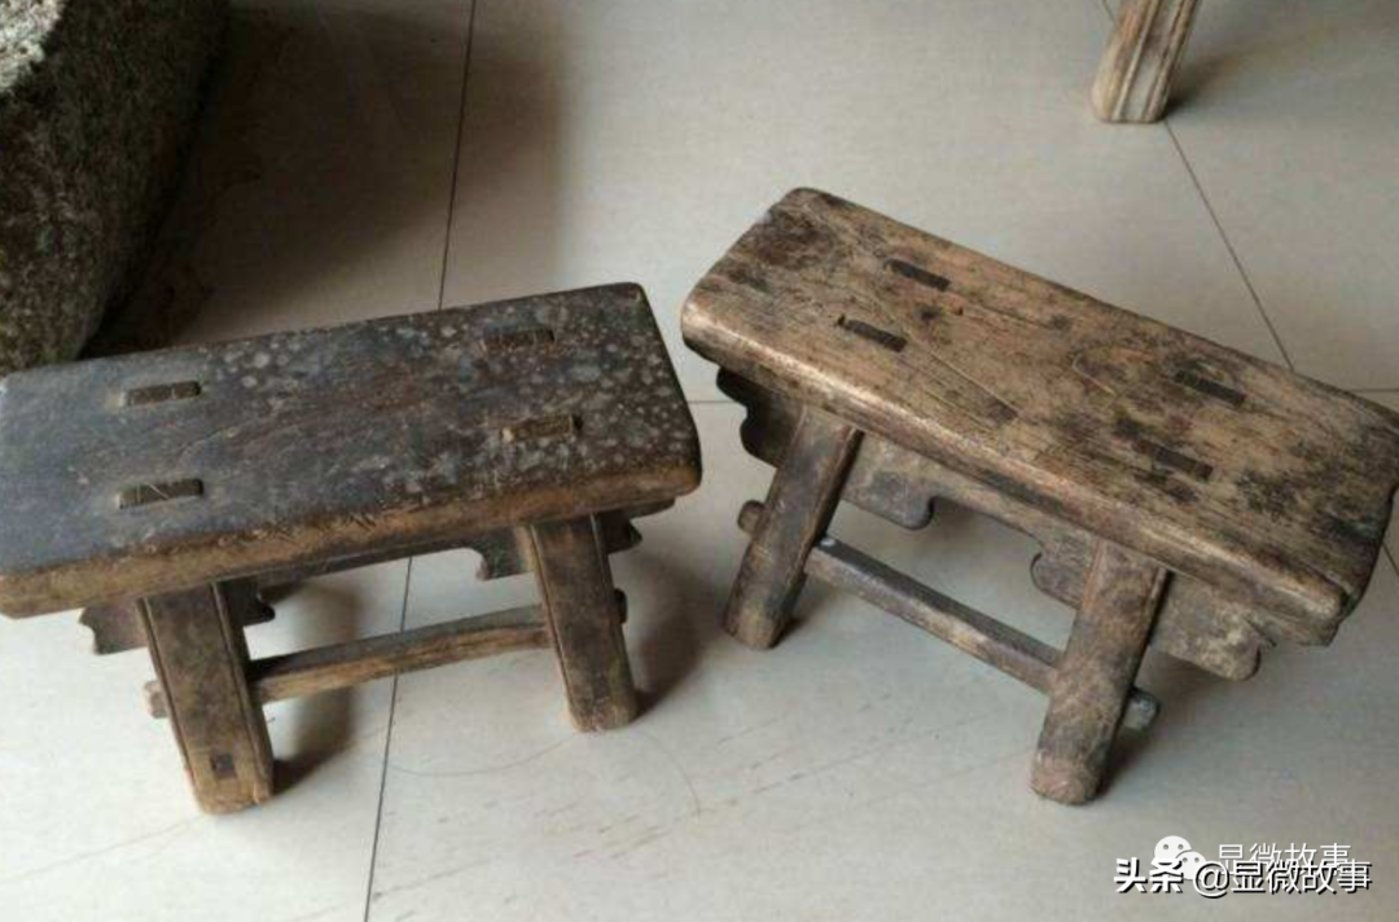 图 | 占座用的小板凳